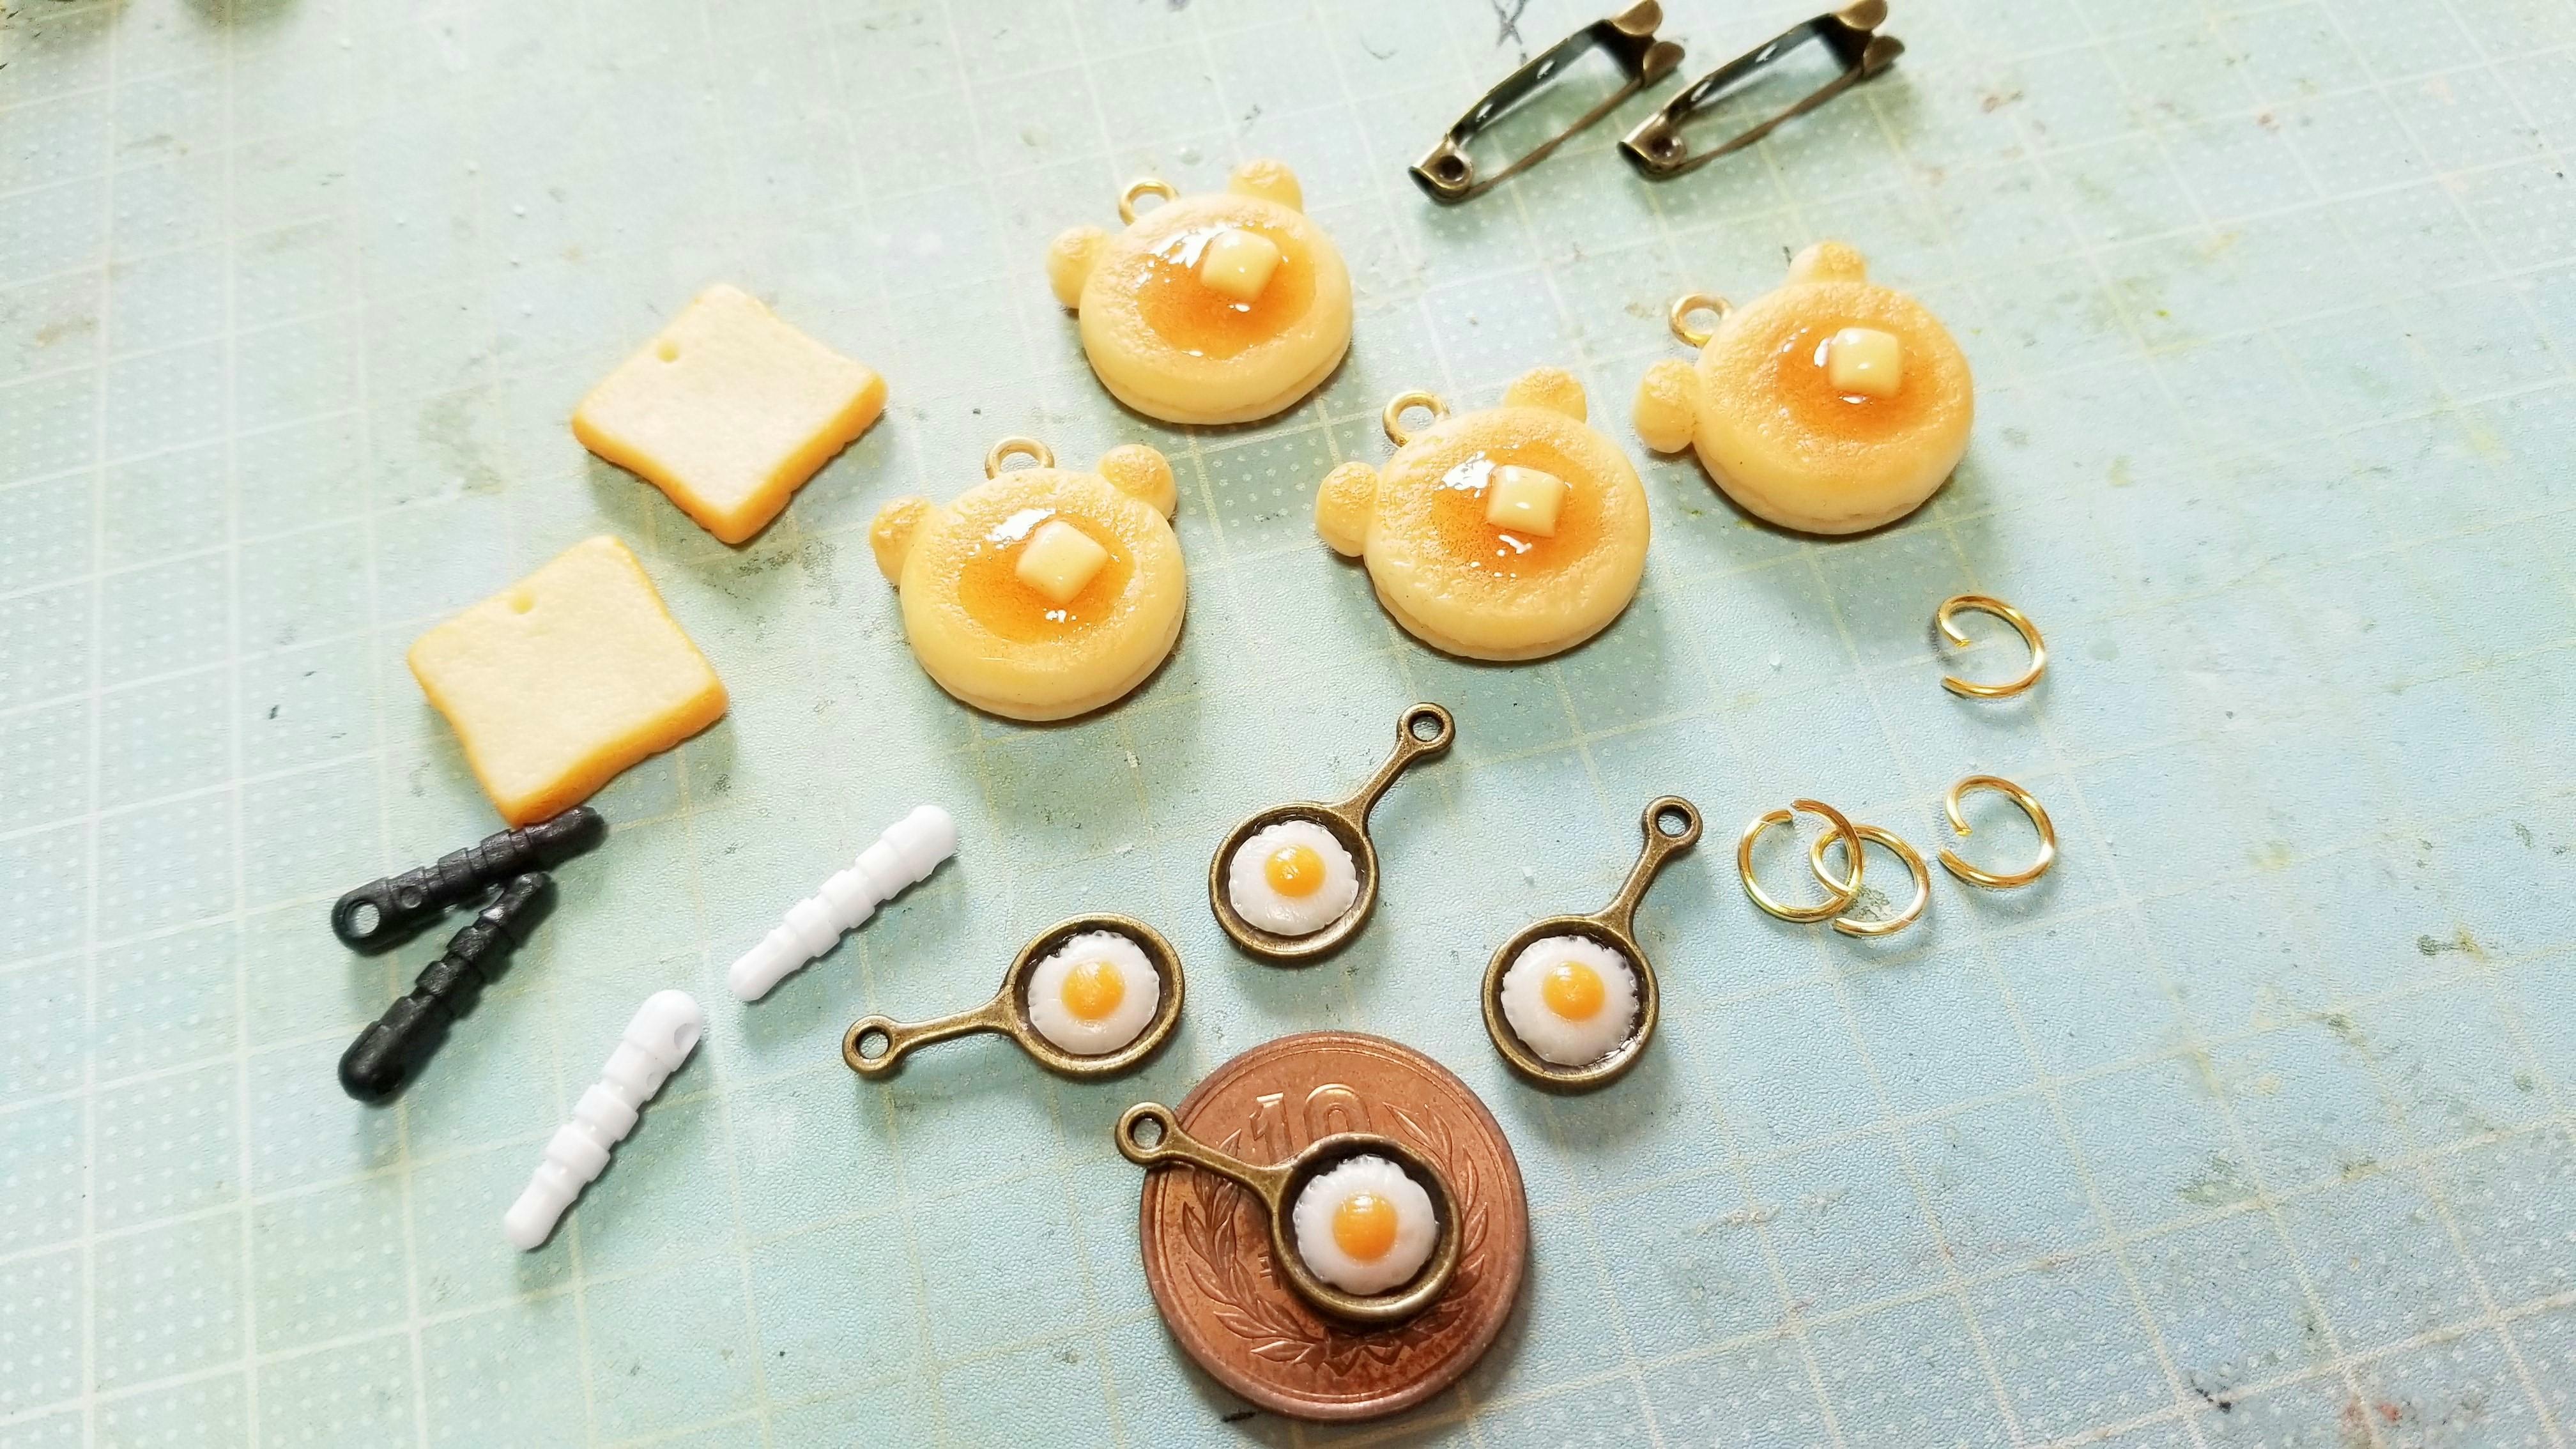 ミニチュアフード樹脂粘土ホットケーキパンかわいい小物ハンドメイド